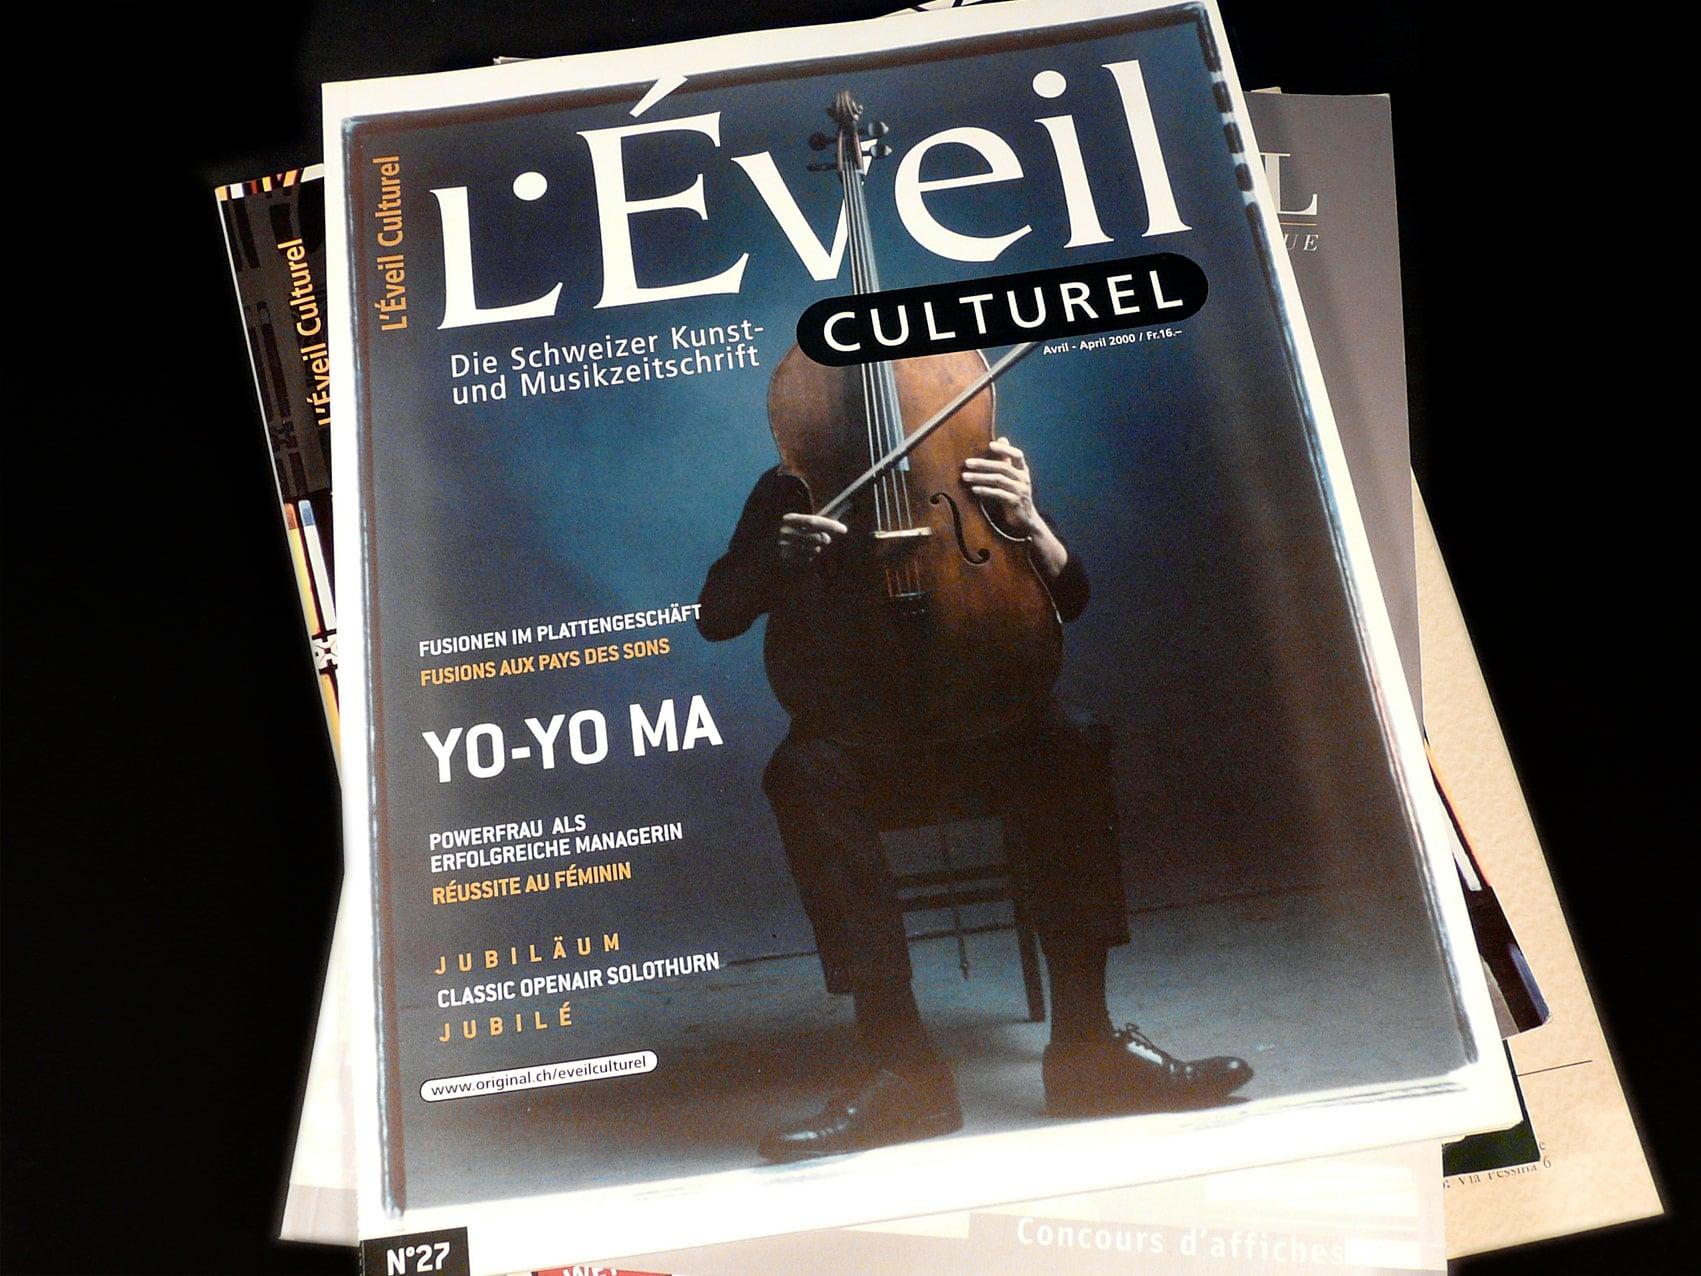 Magazine L'Éveil Culturel - Direction artistique et mise en page vue 4